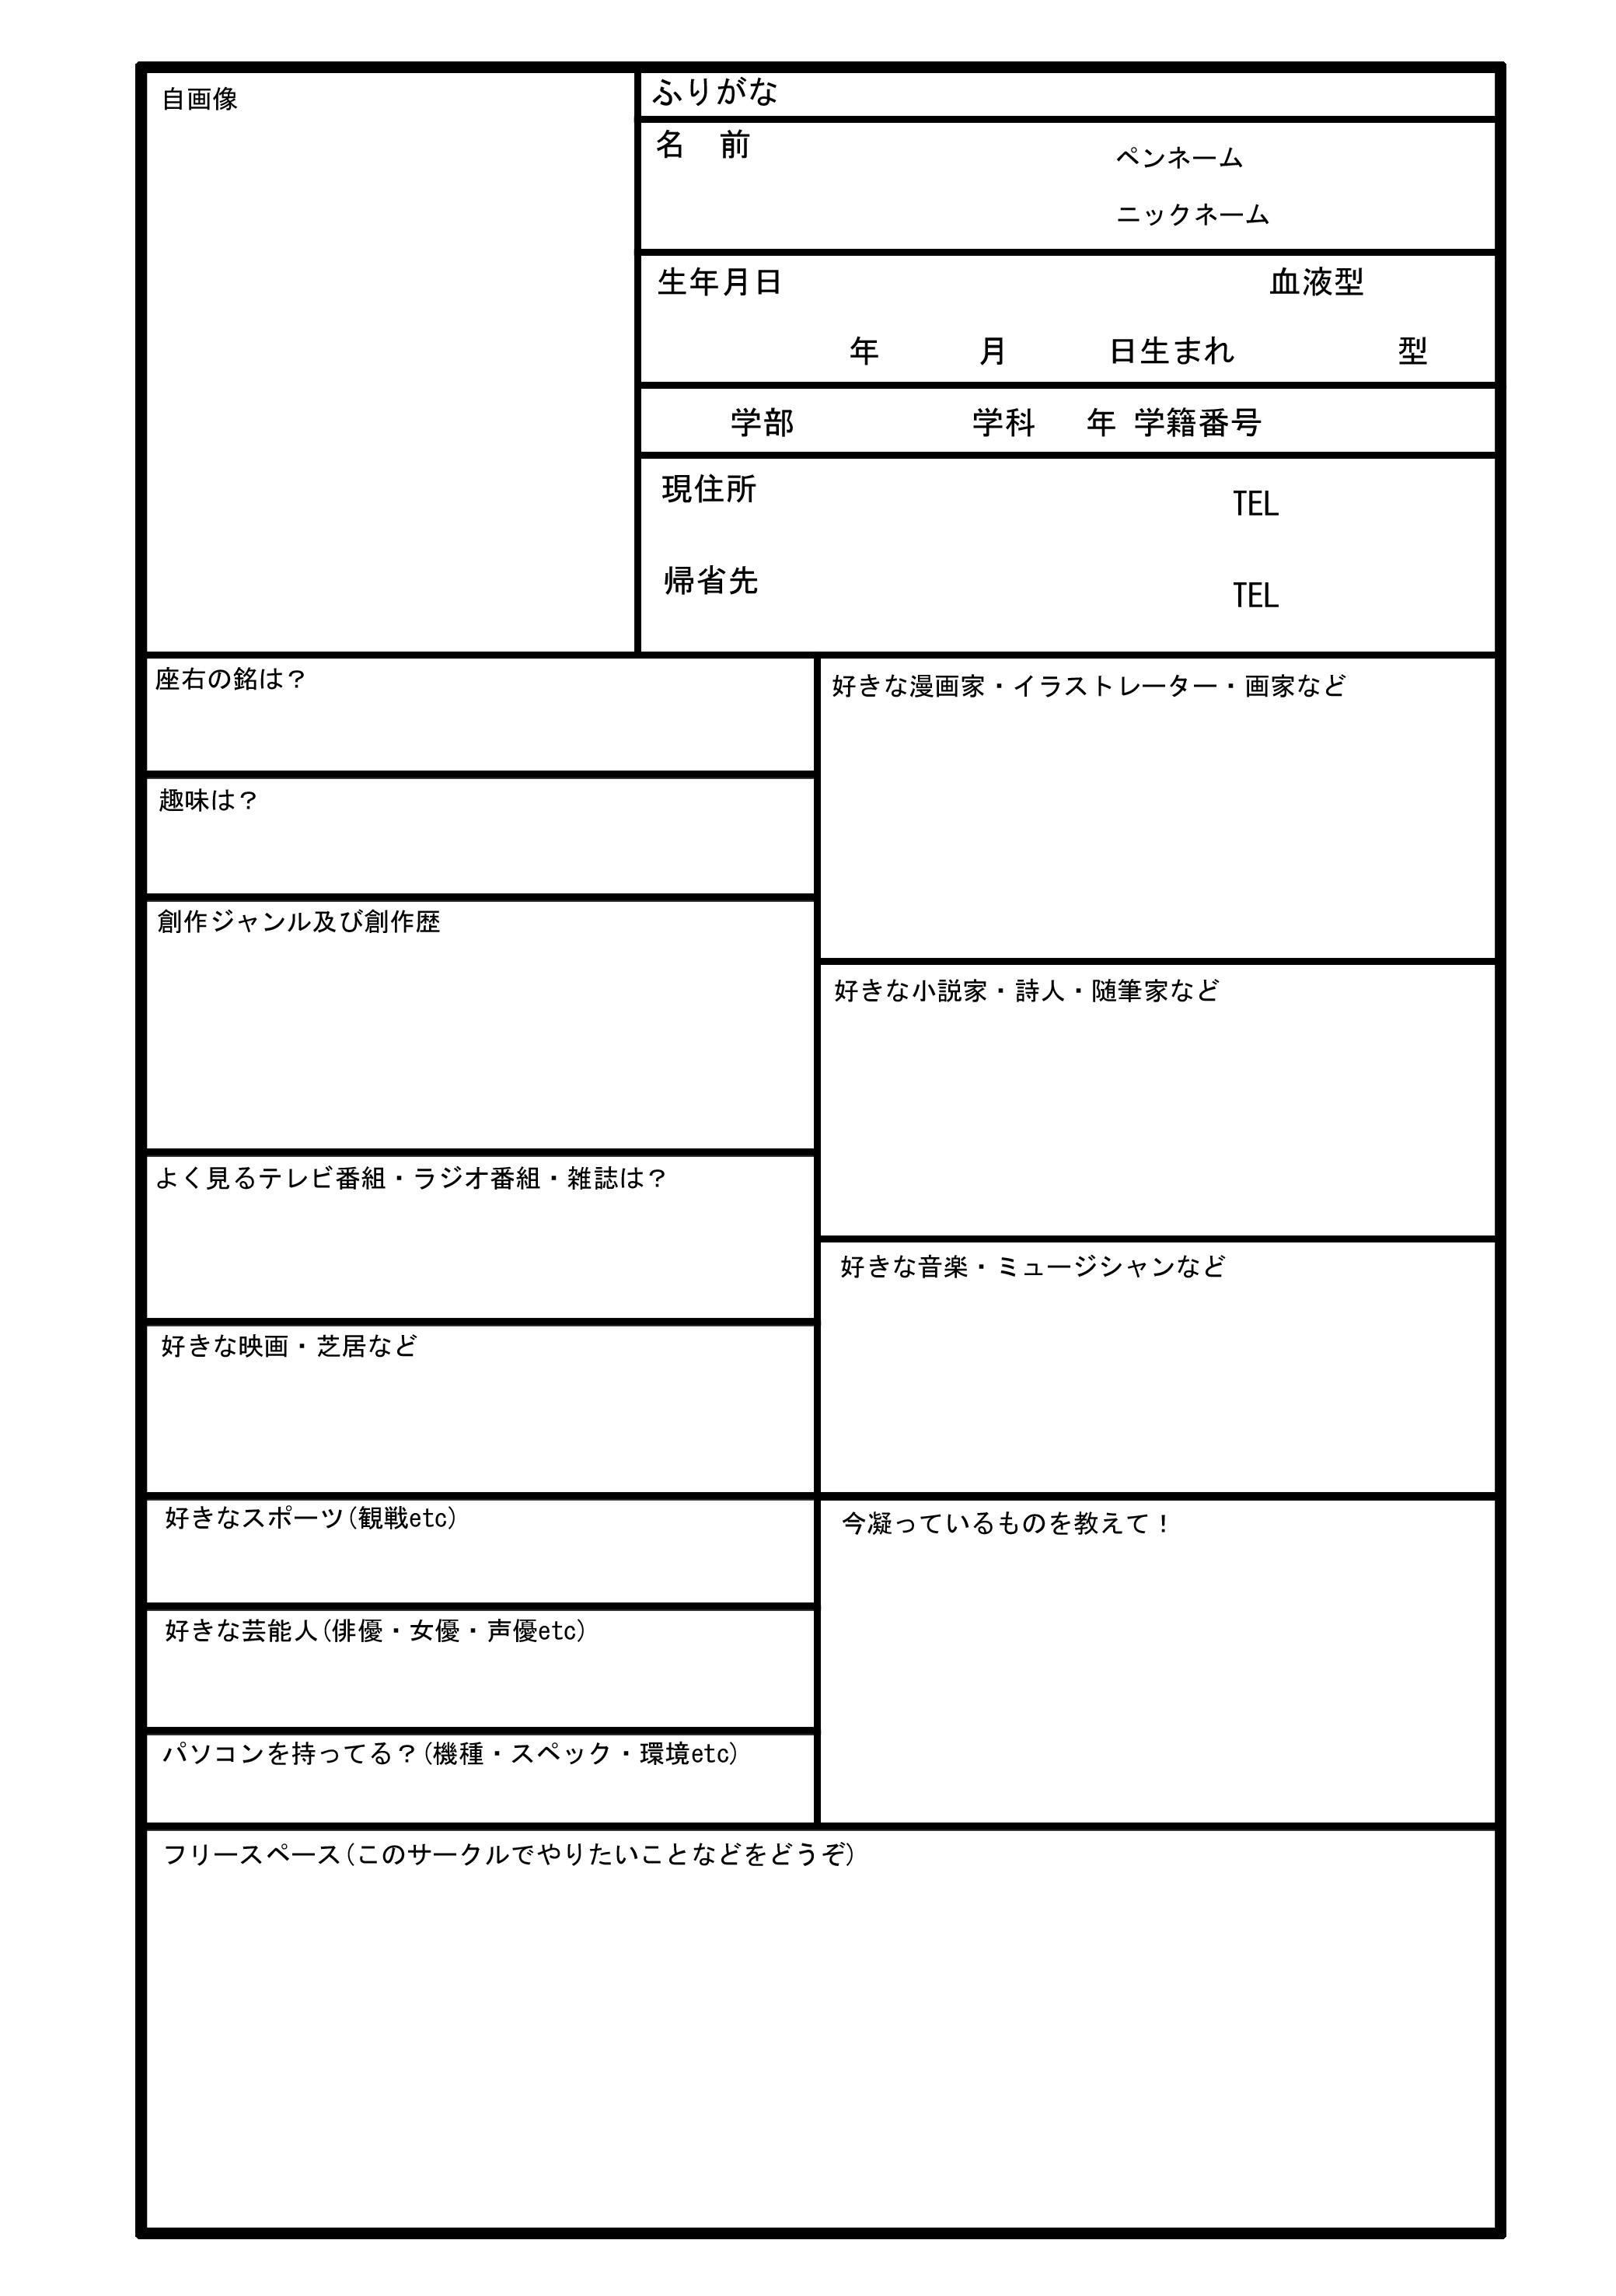 印刷 web 印刷 pdf : テンプレート置場 - 東洋大学 ...